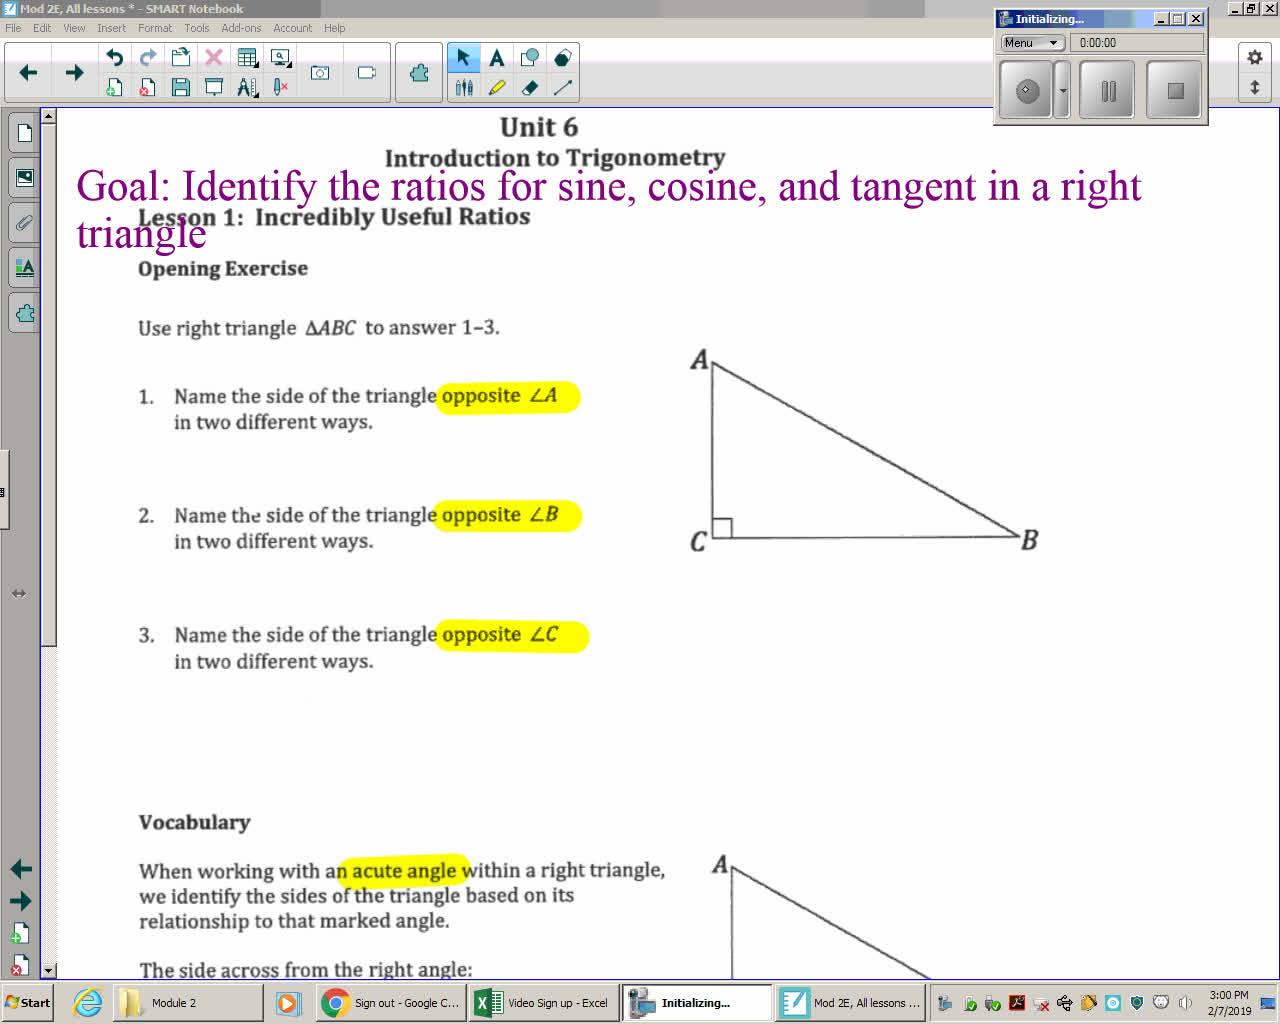 Mod 2E Unit 6 Lesson 1